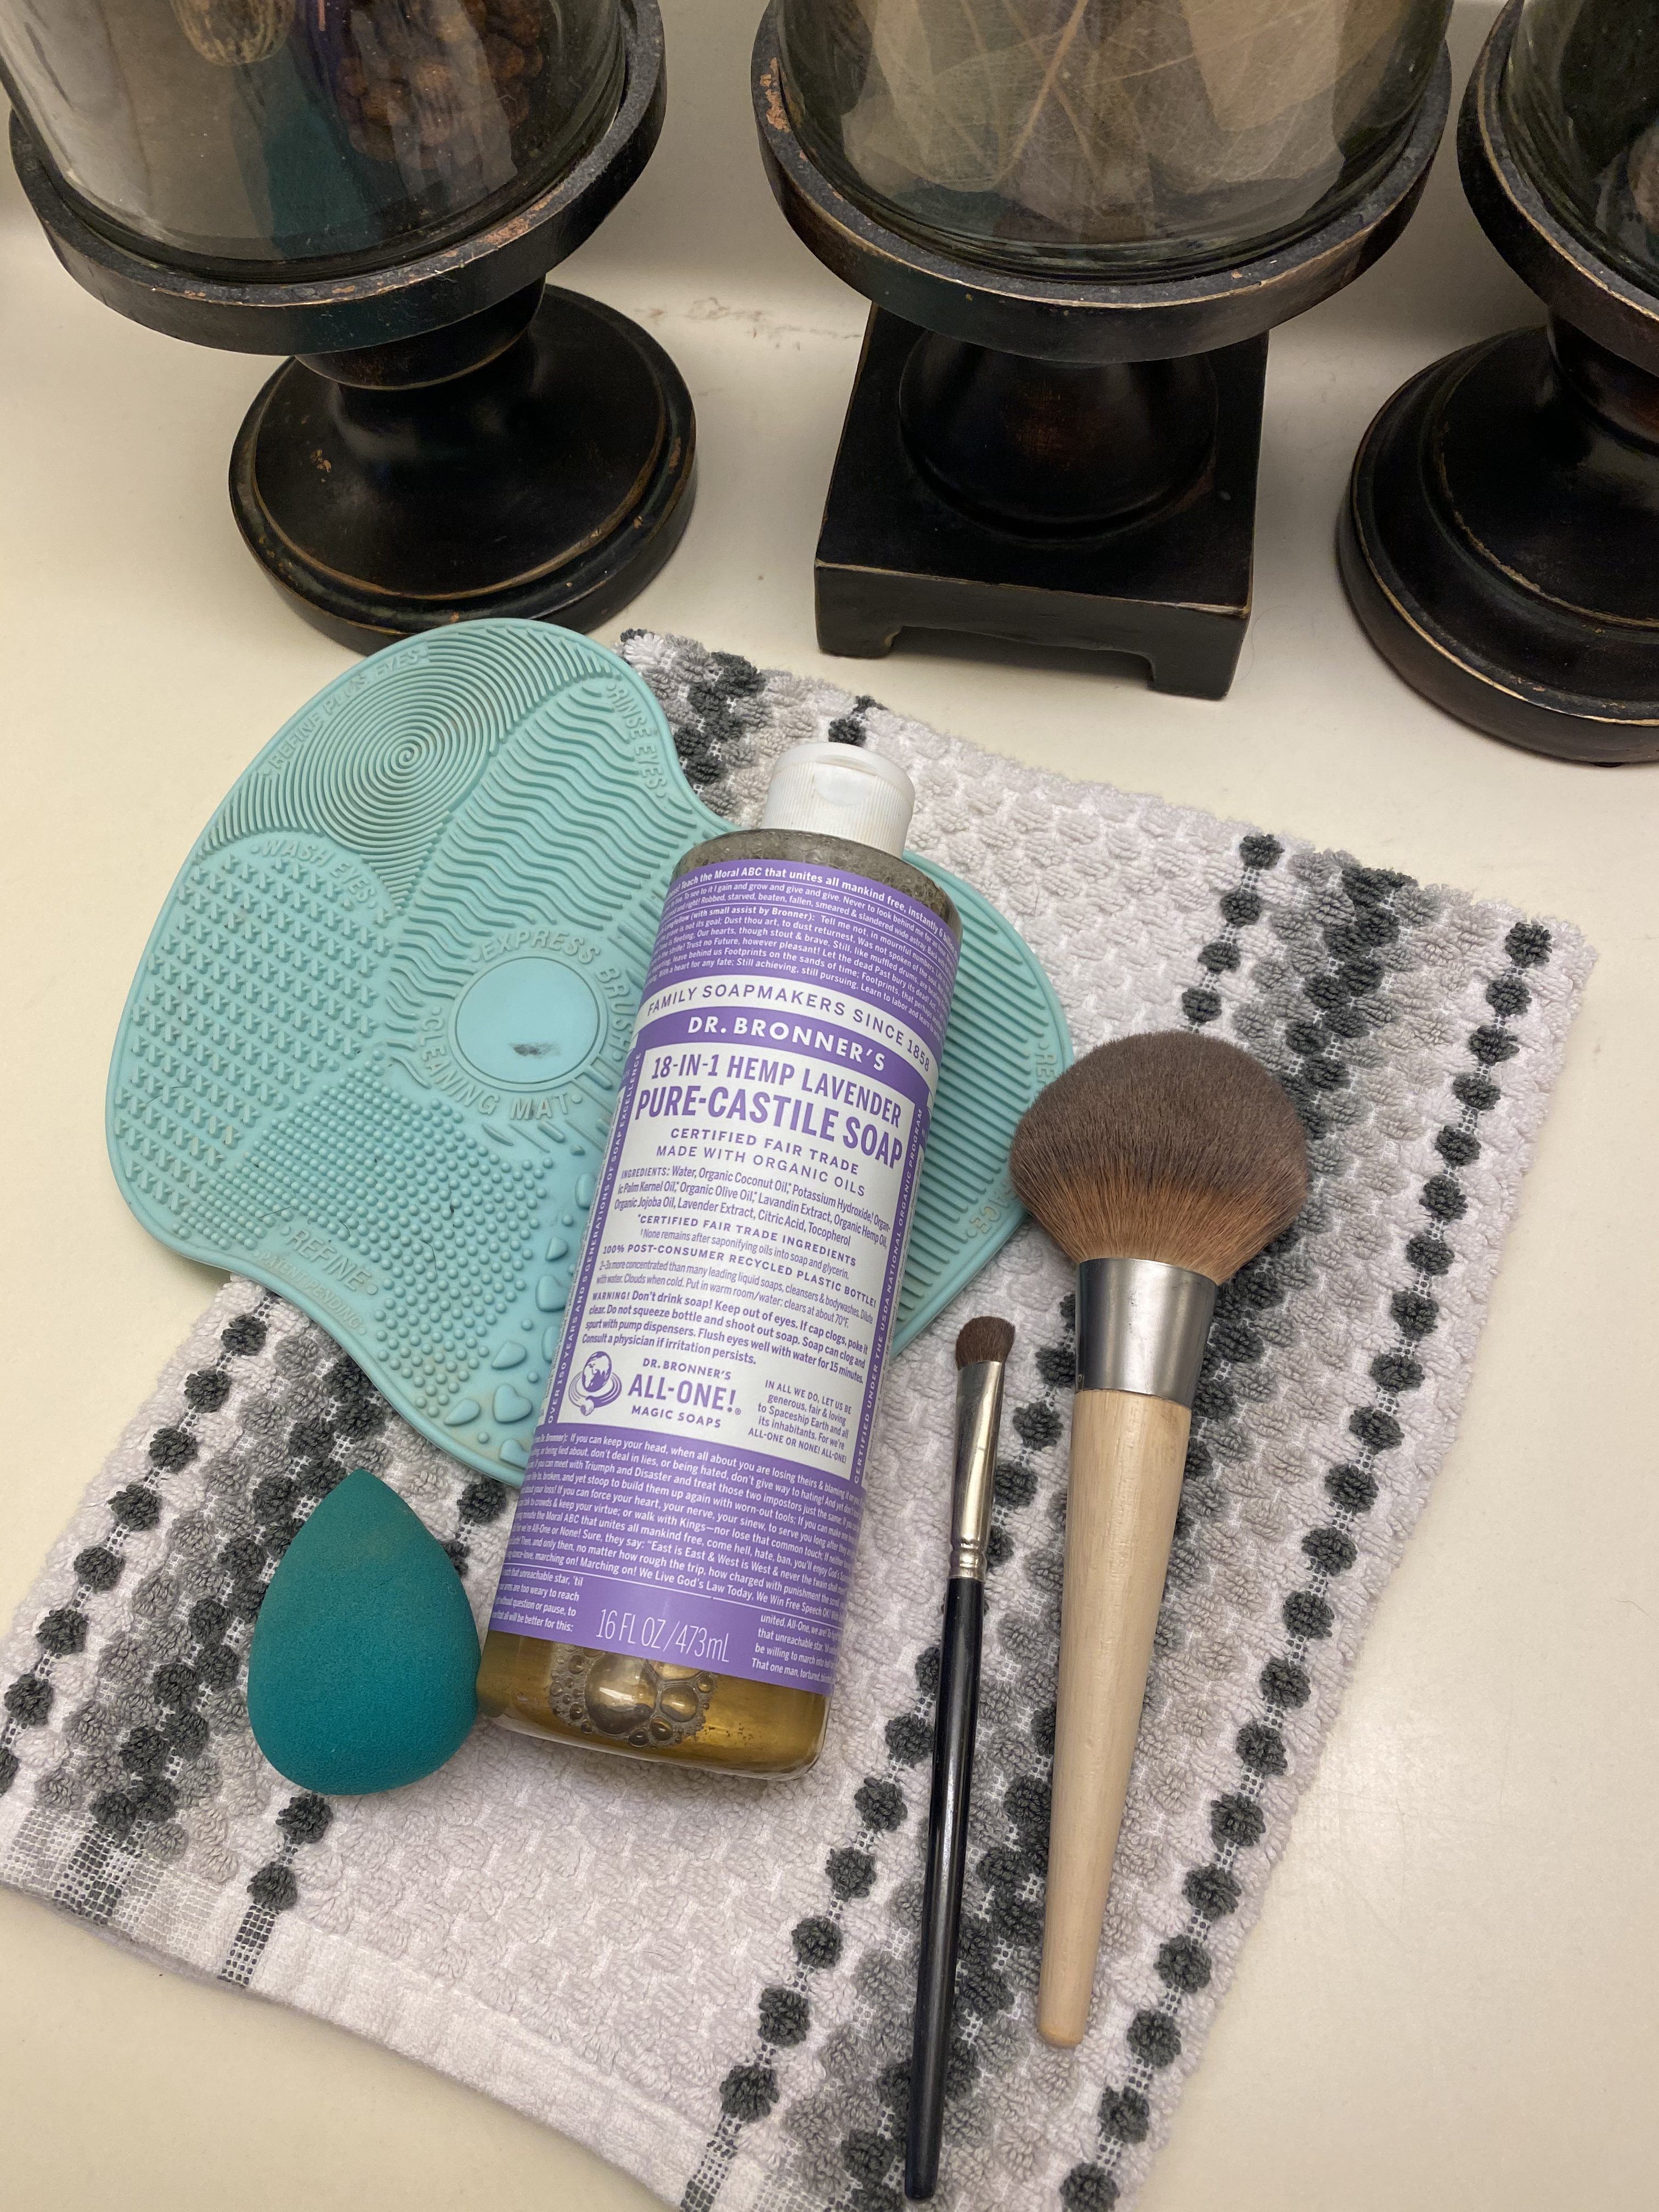 Dr. Bronner's Castille Soap, Makeup Brushes, Makeup Sponge, Cleansing Mat